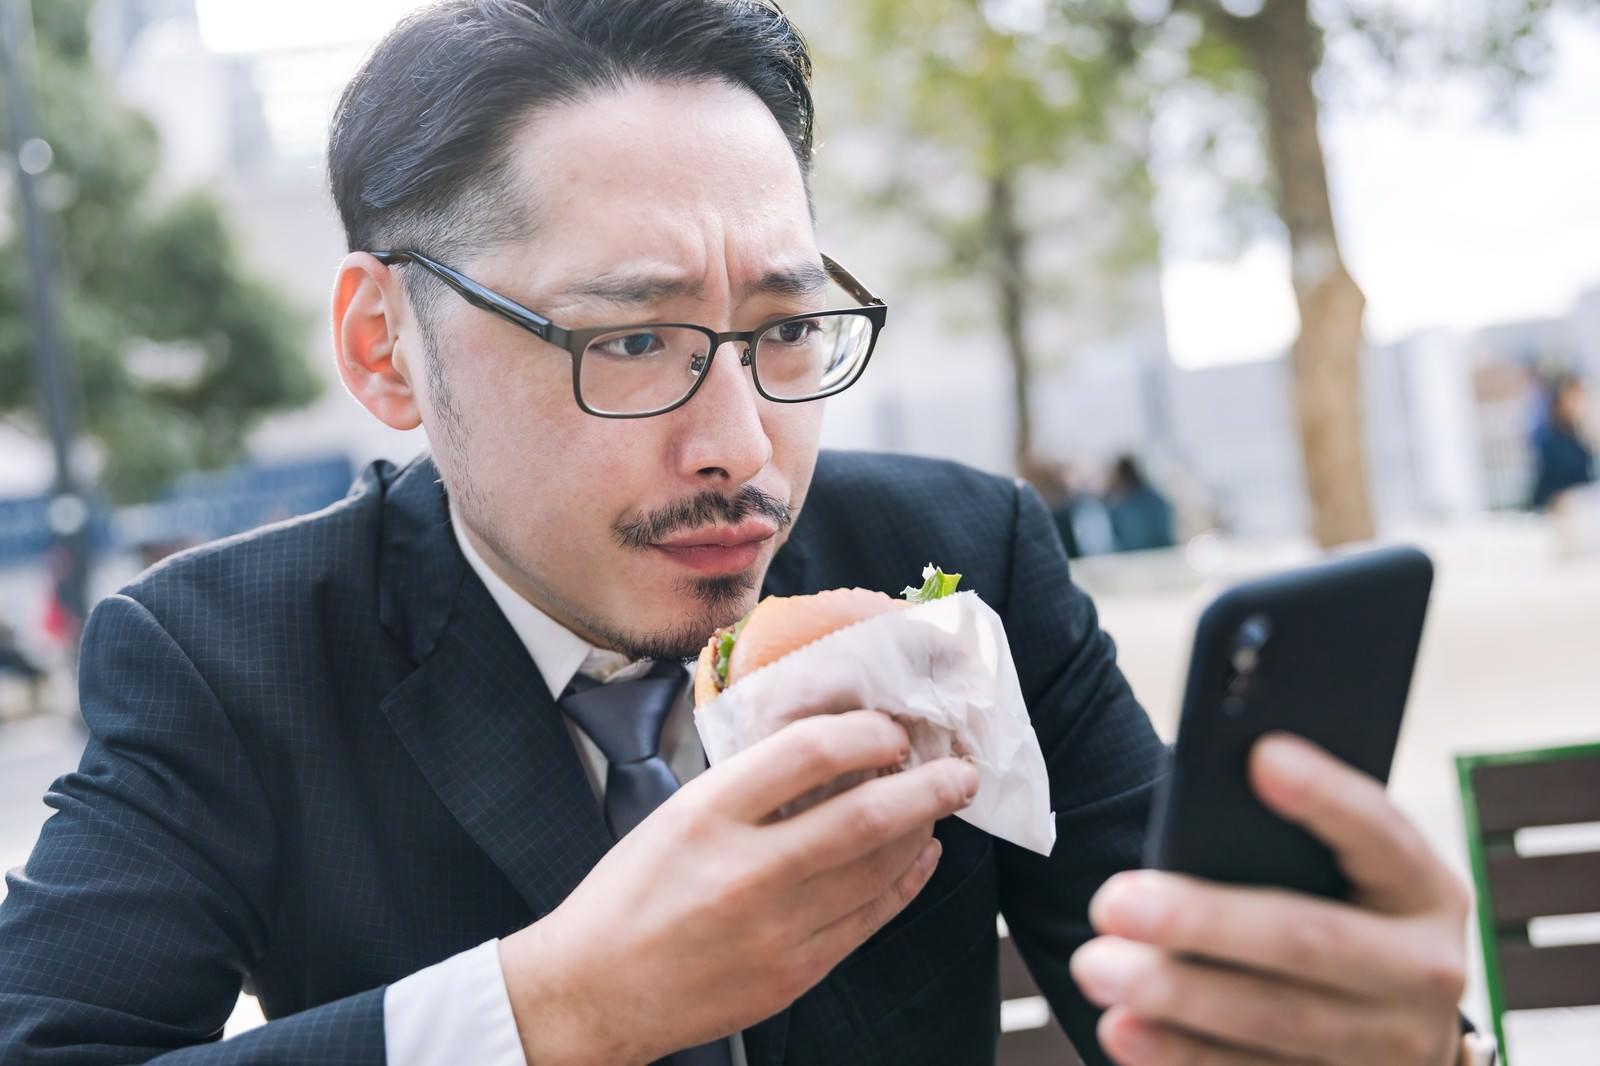 「グルメアプリにレビューを投稿する男性」の写真[モデル:ゆうせい]